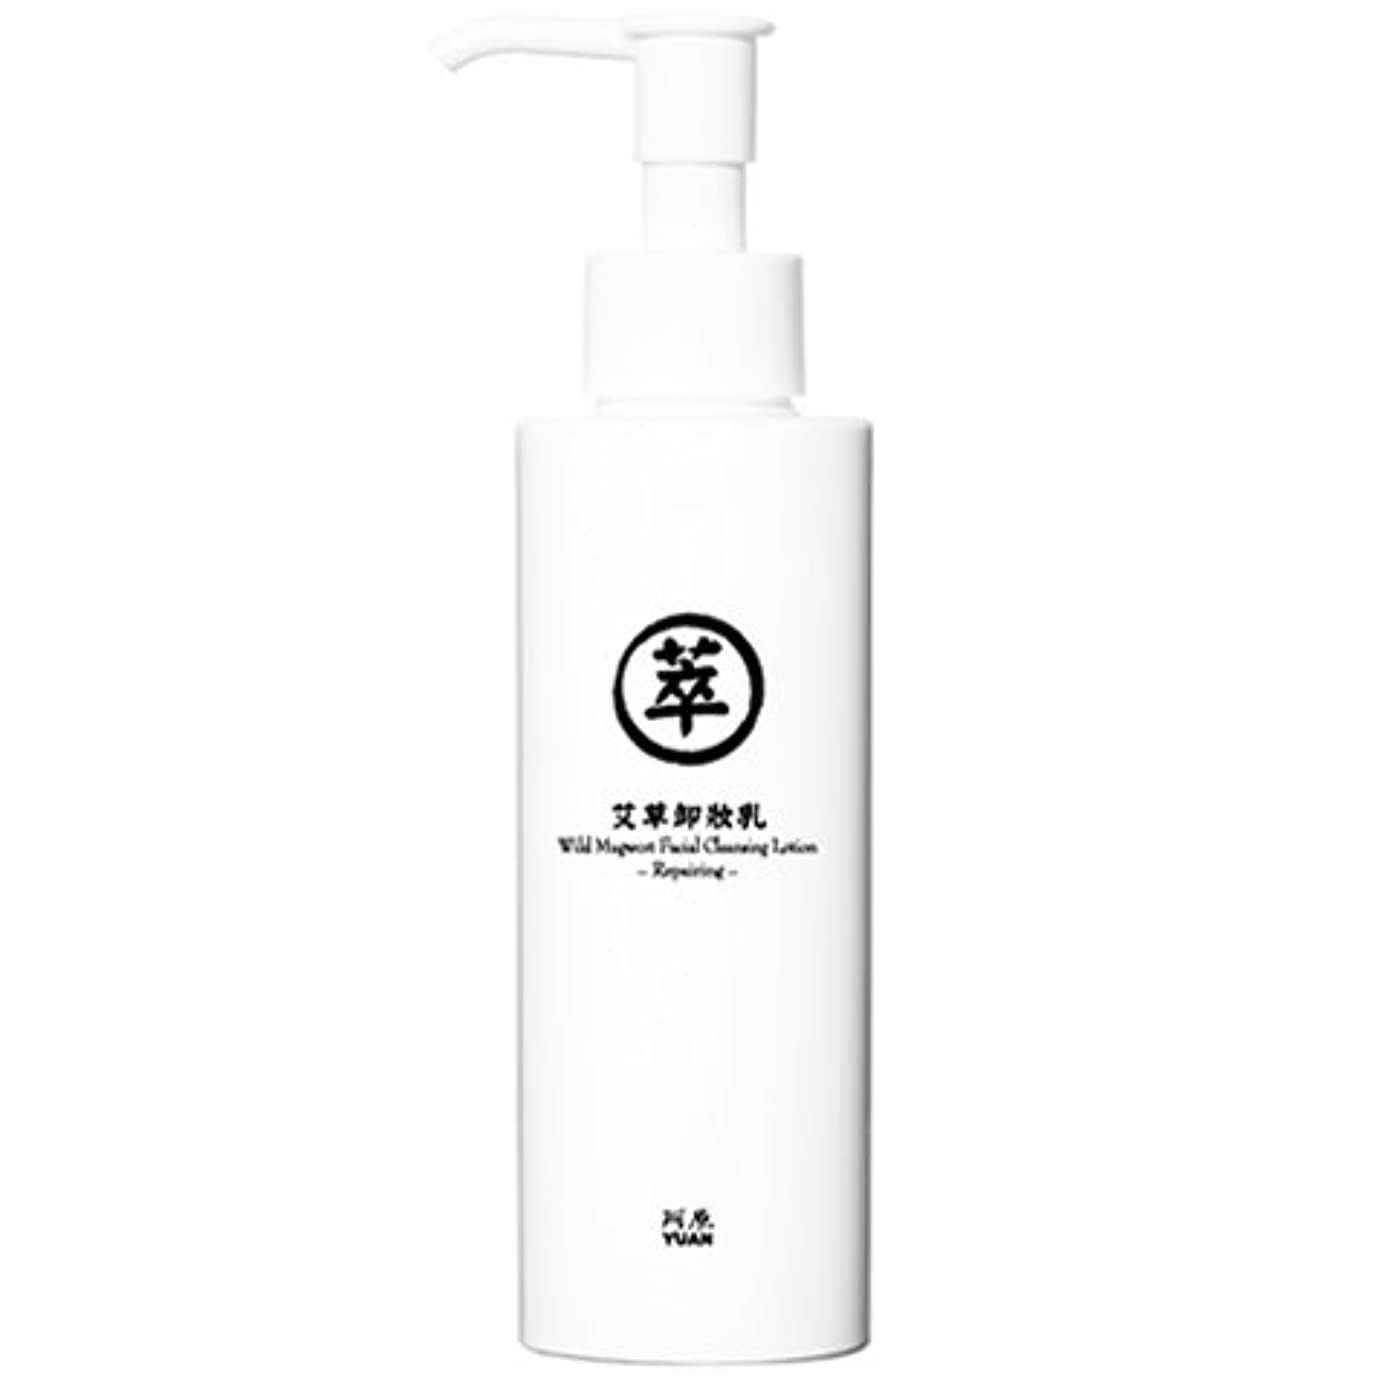 浸したバルコニーエレベーターユアン(YUAN)ヨモギクレンジングミルク 150ml(阿原 ユアンソープ 台湾コスメ)